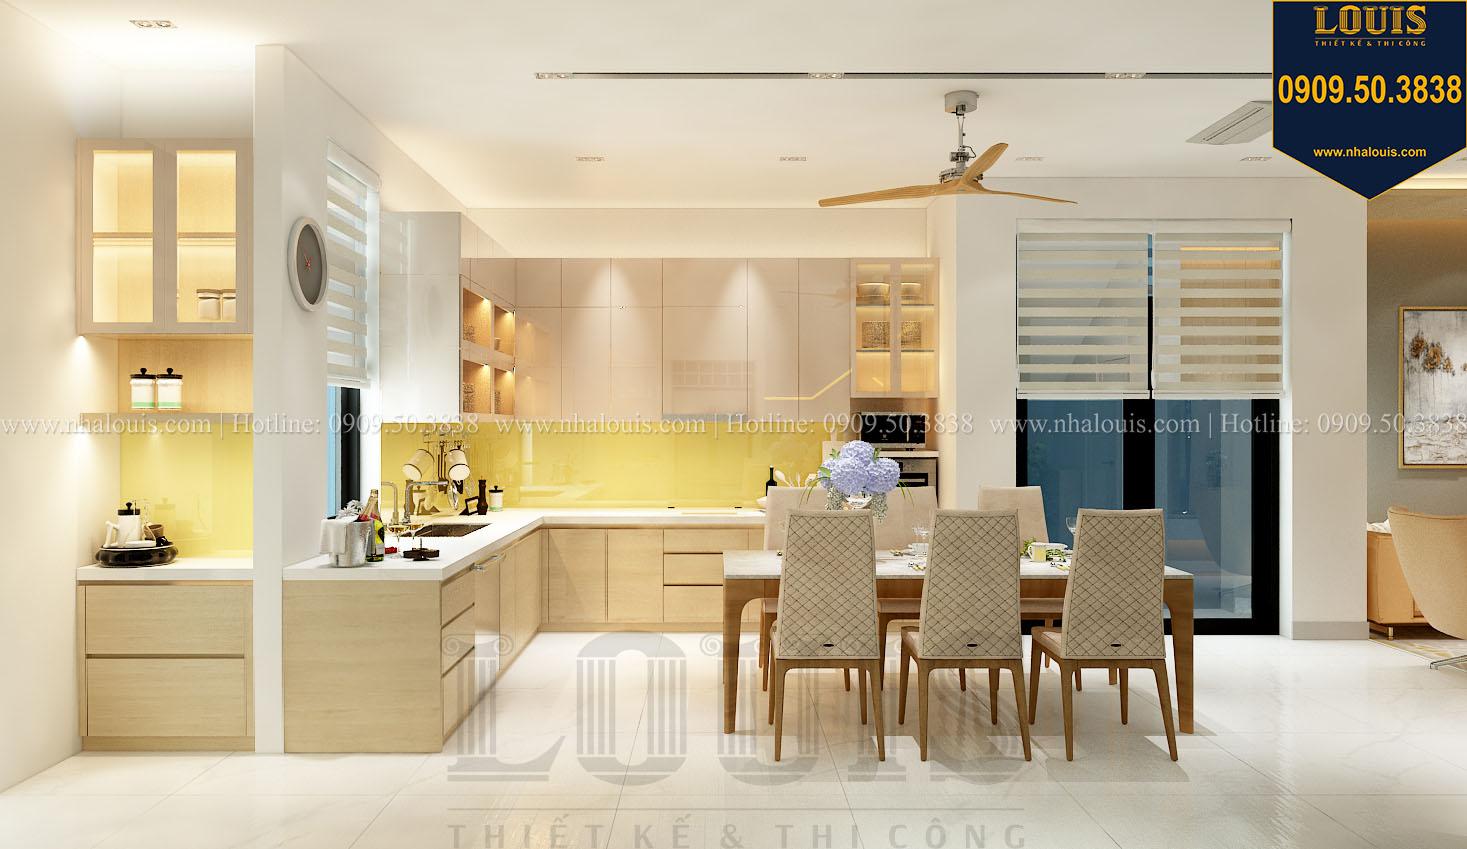 Phòng bếp Thiết kế nội thất biệt thự phong cách hiện đại và đẳng cấp tại Quận 9 - 05